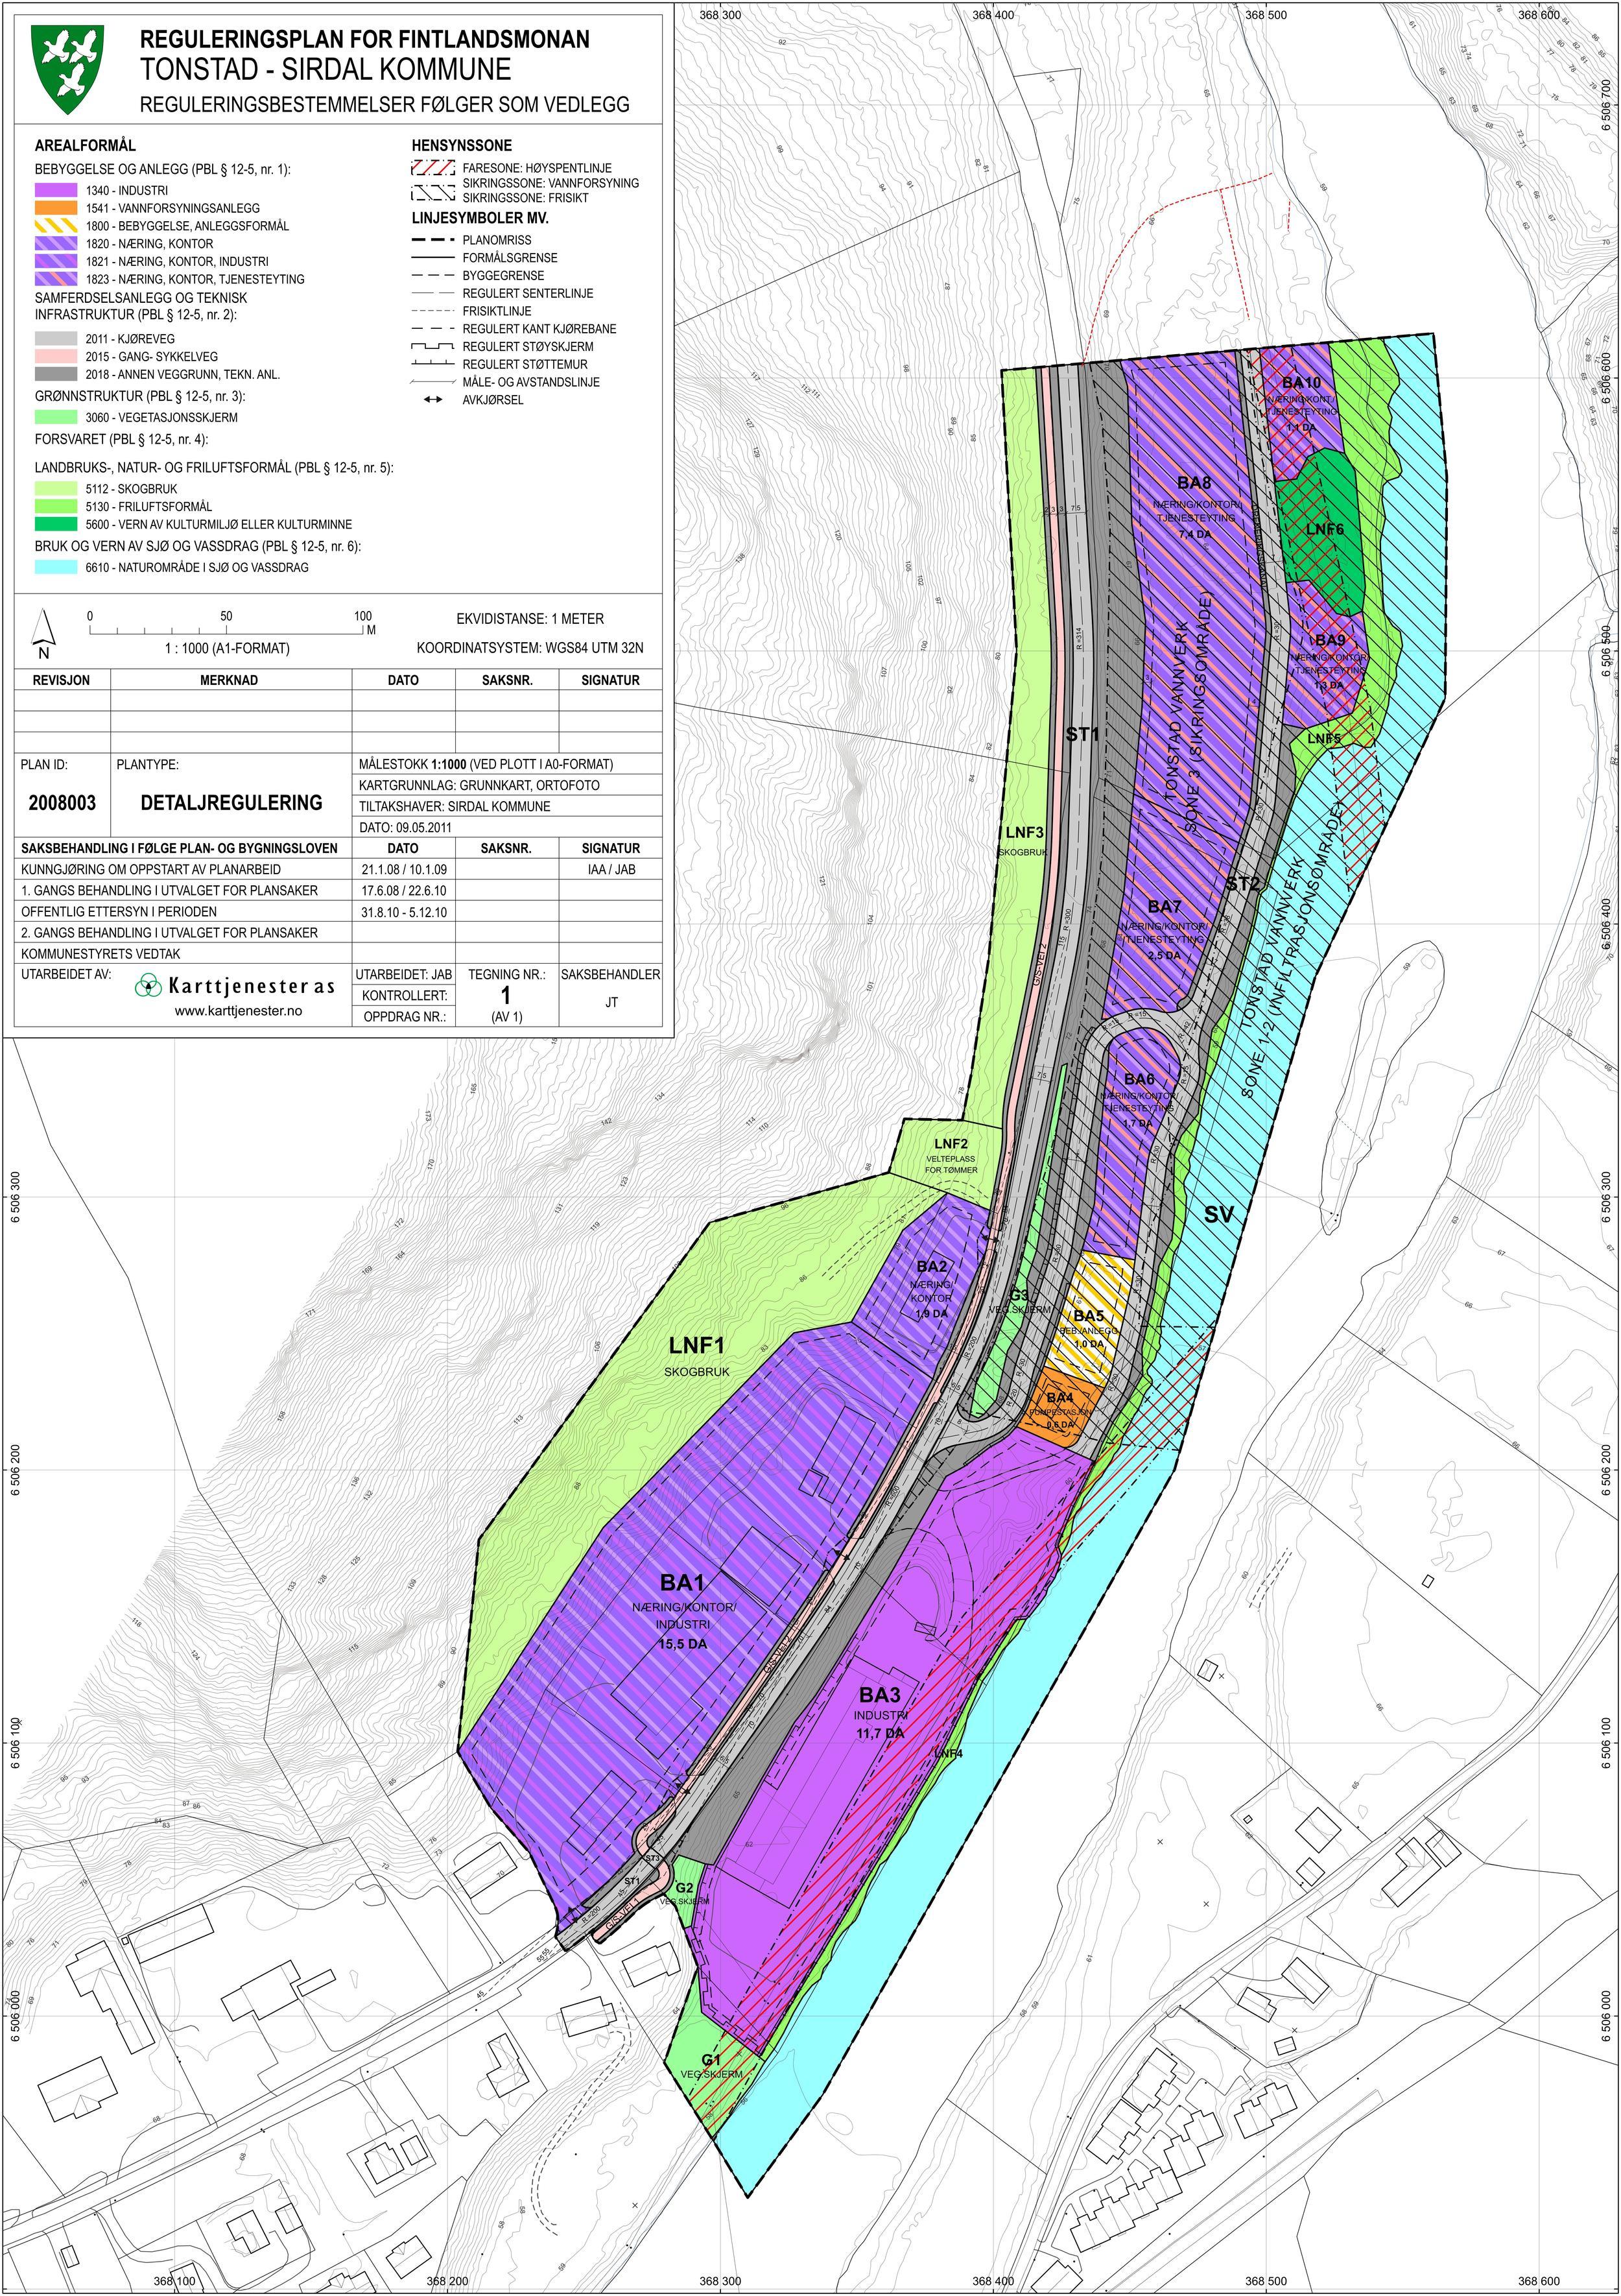 Reguleringsplan for industriområde Fintlandsmonan, Tonstad / Sirdal kommune